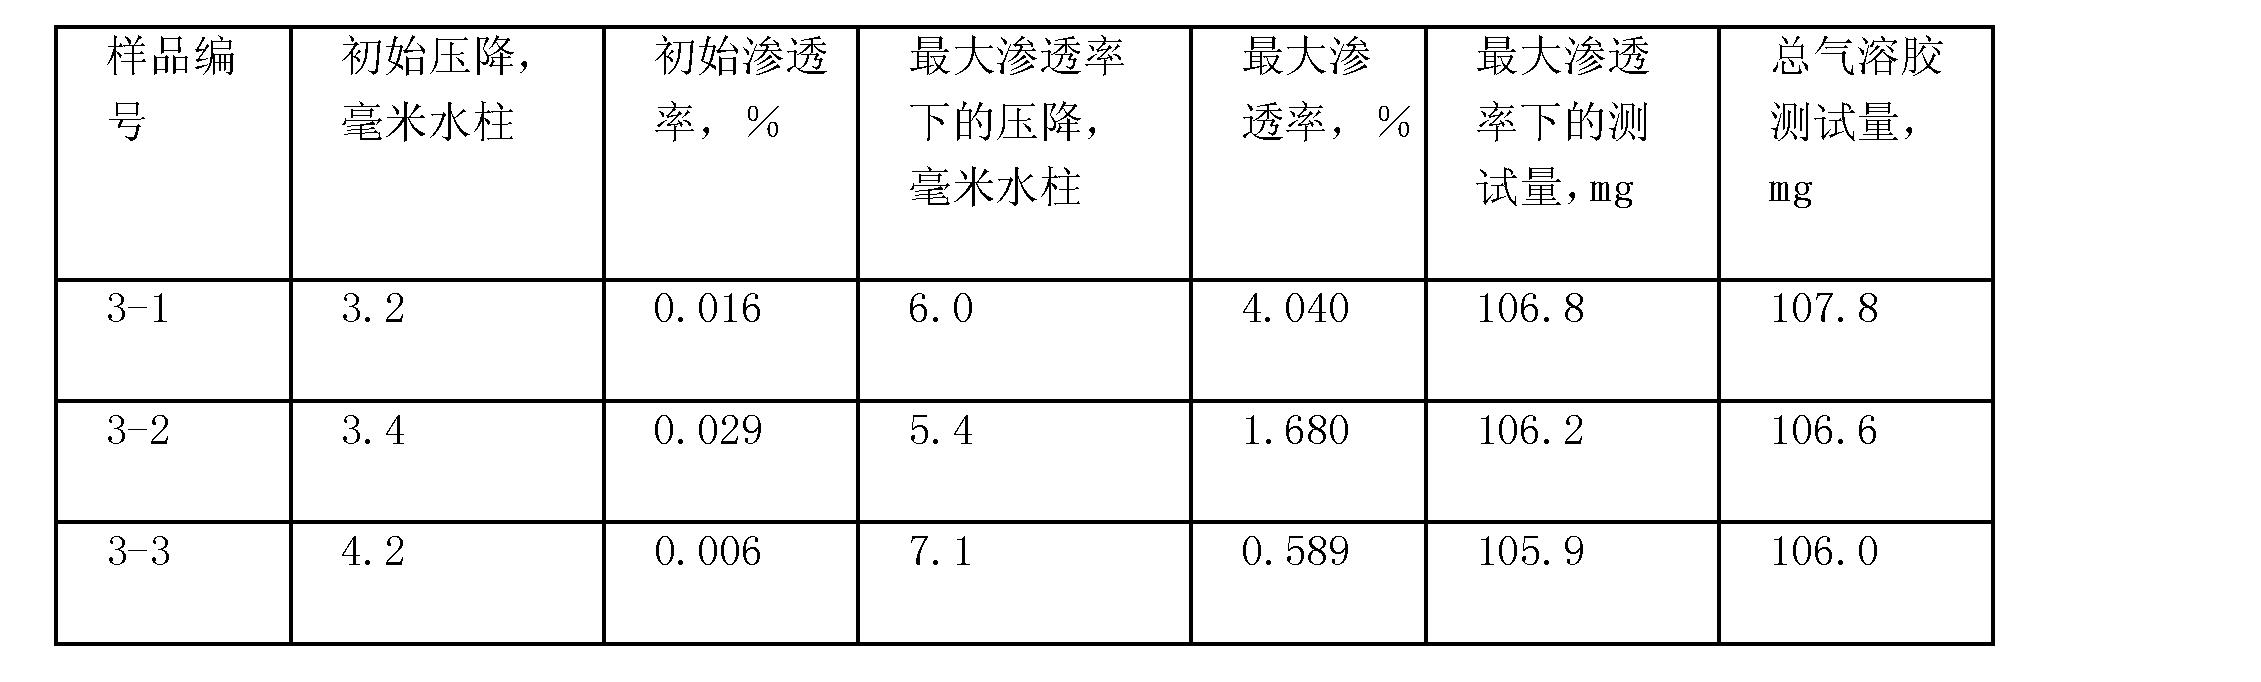 Figure CN101495189BD00272